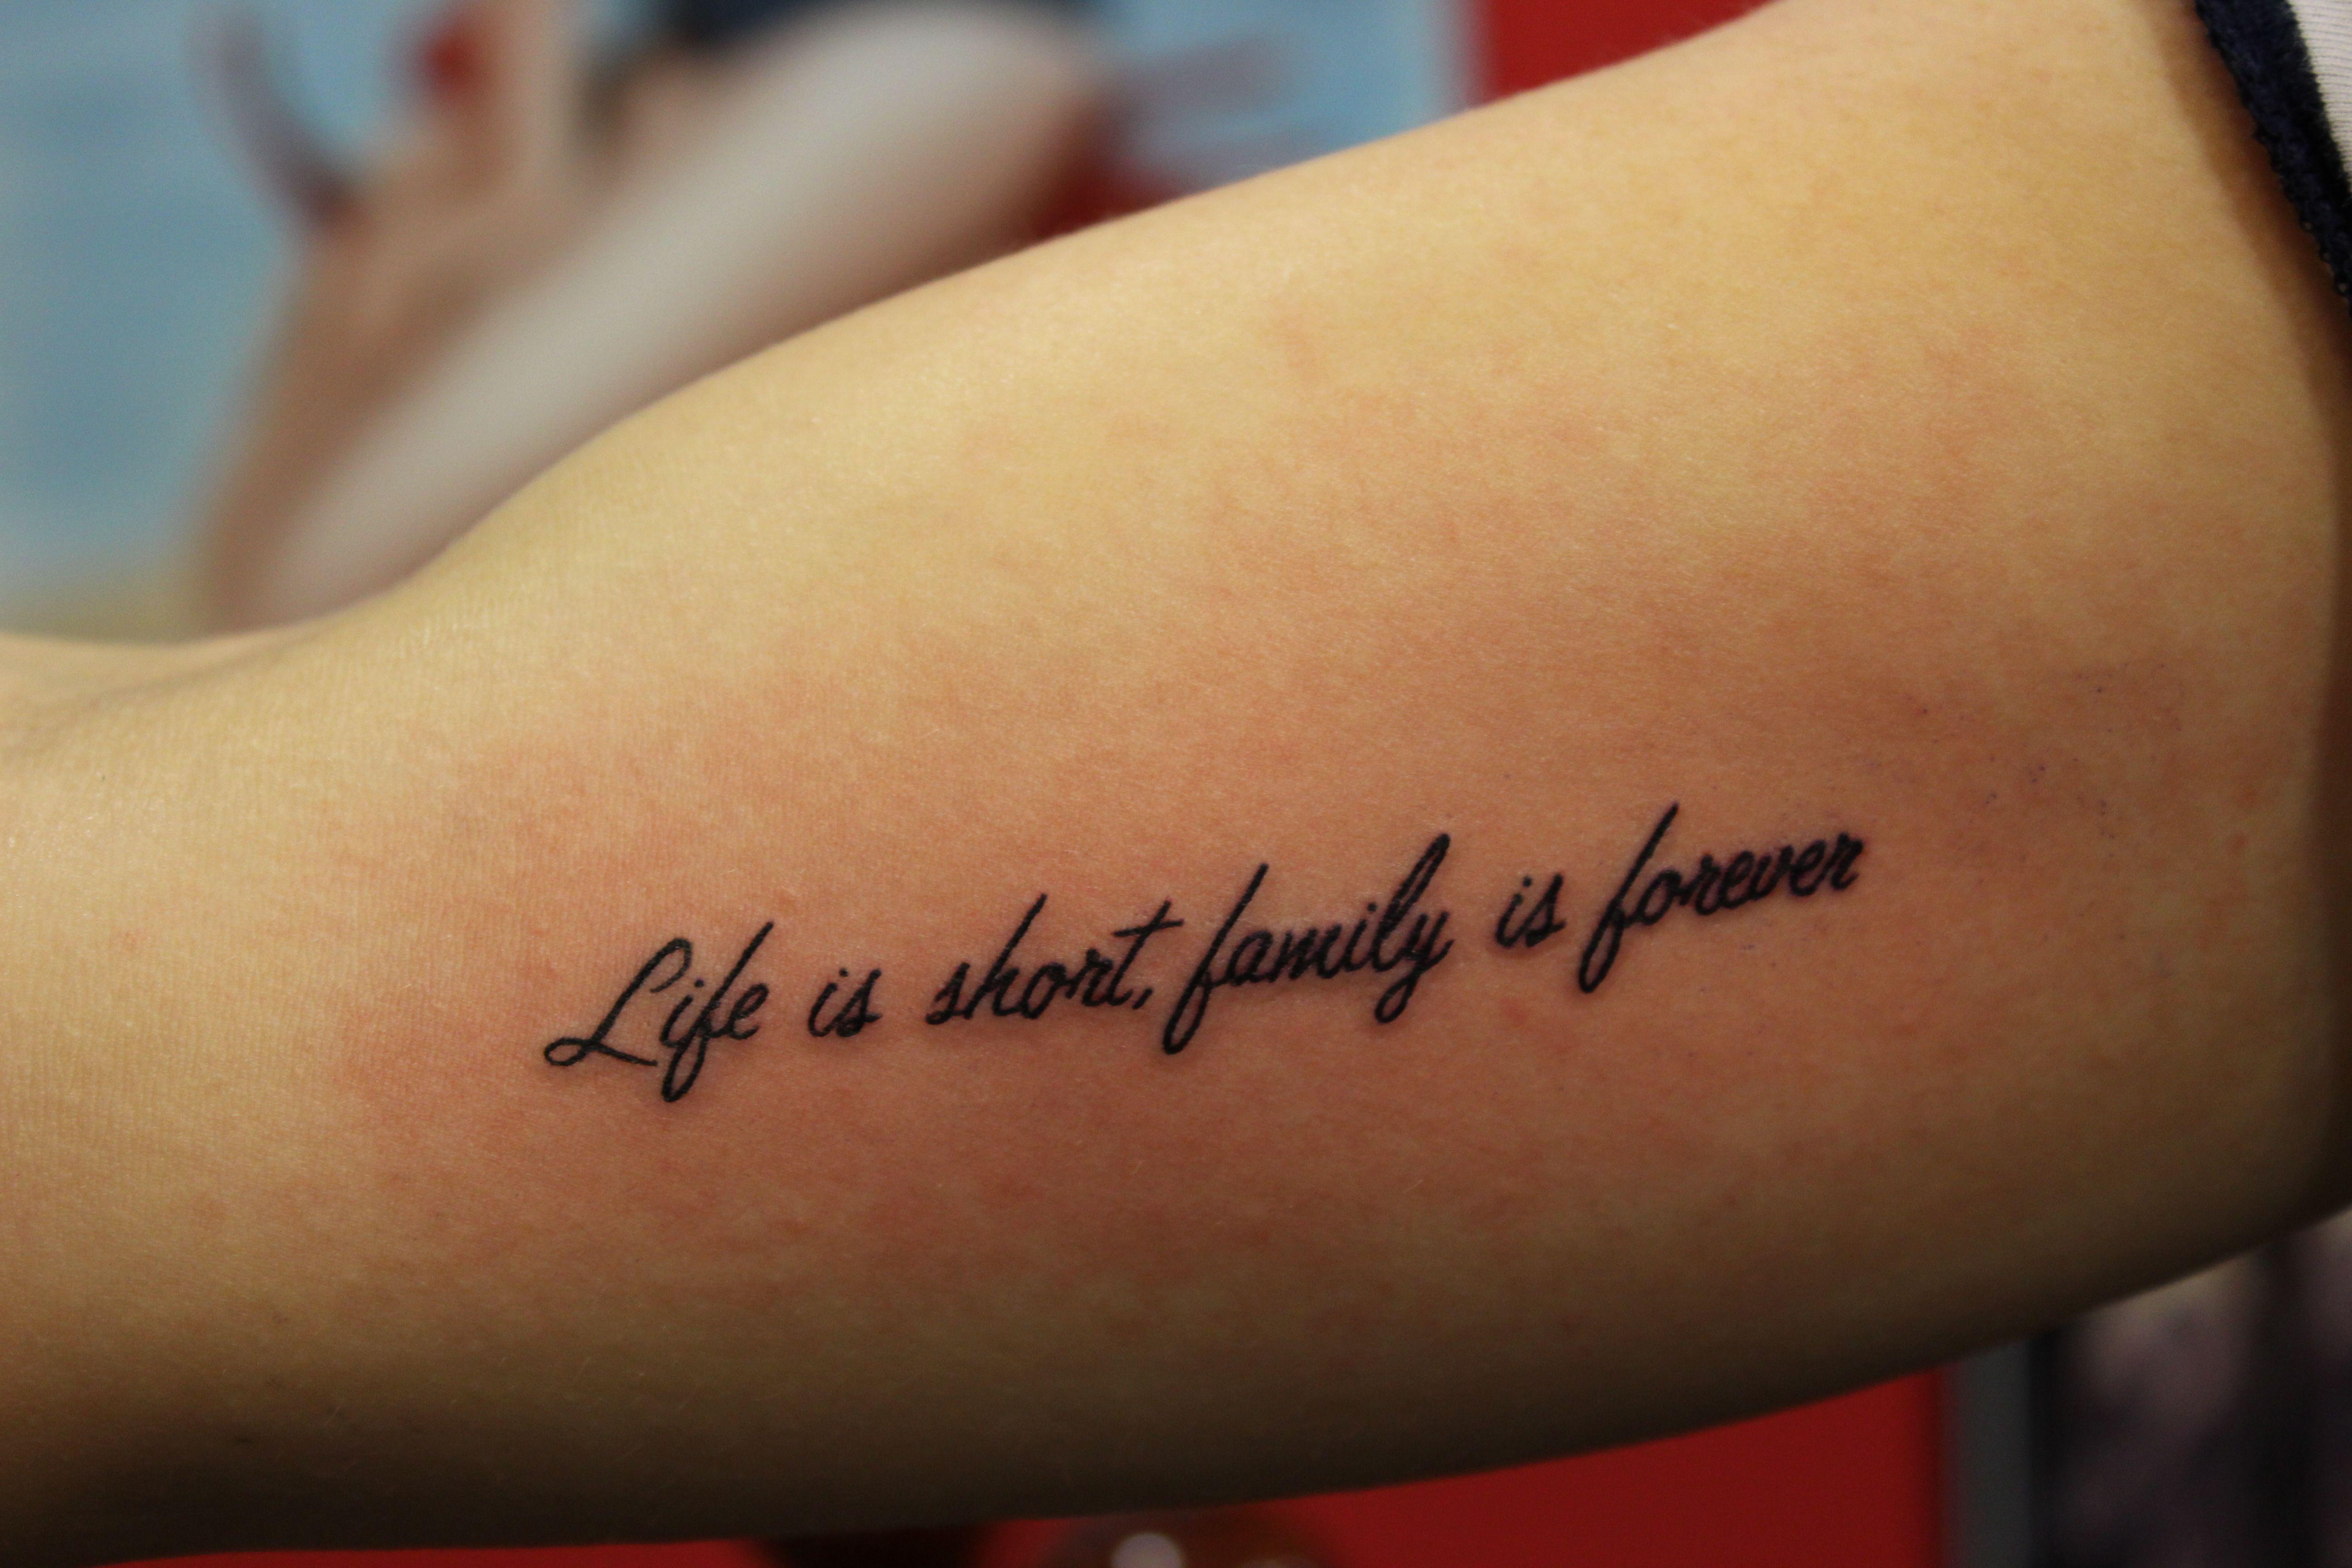 tetoválás idézetek lányoknak westend_tattoo #westendtattooandpiercing #tattoo #arm tattoo #text